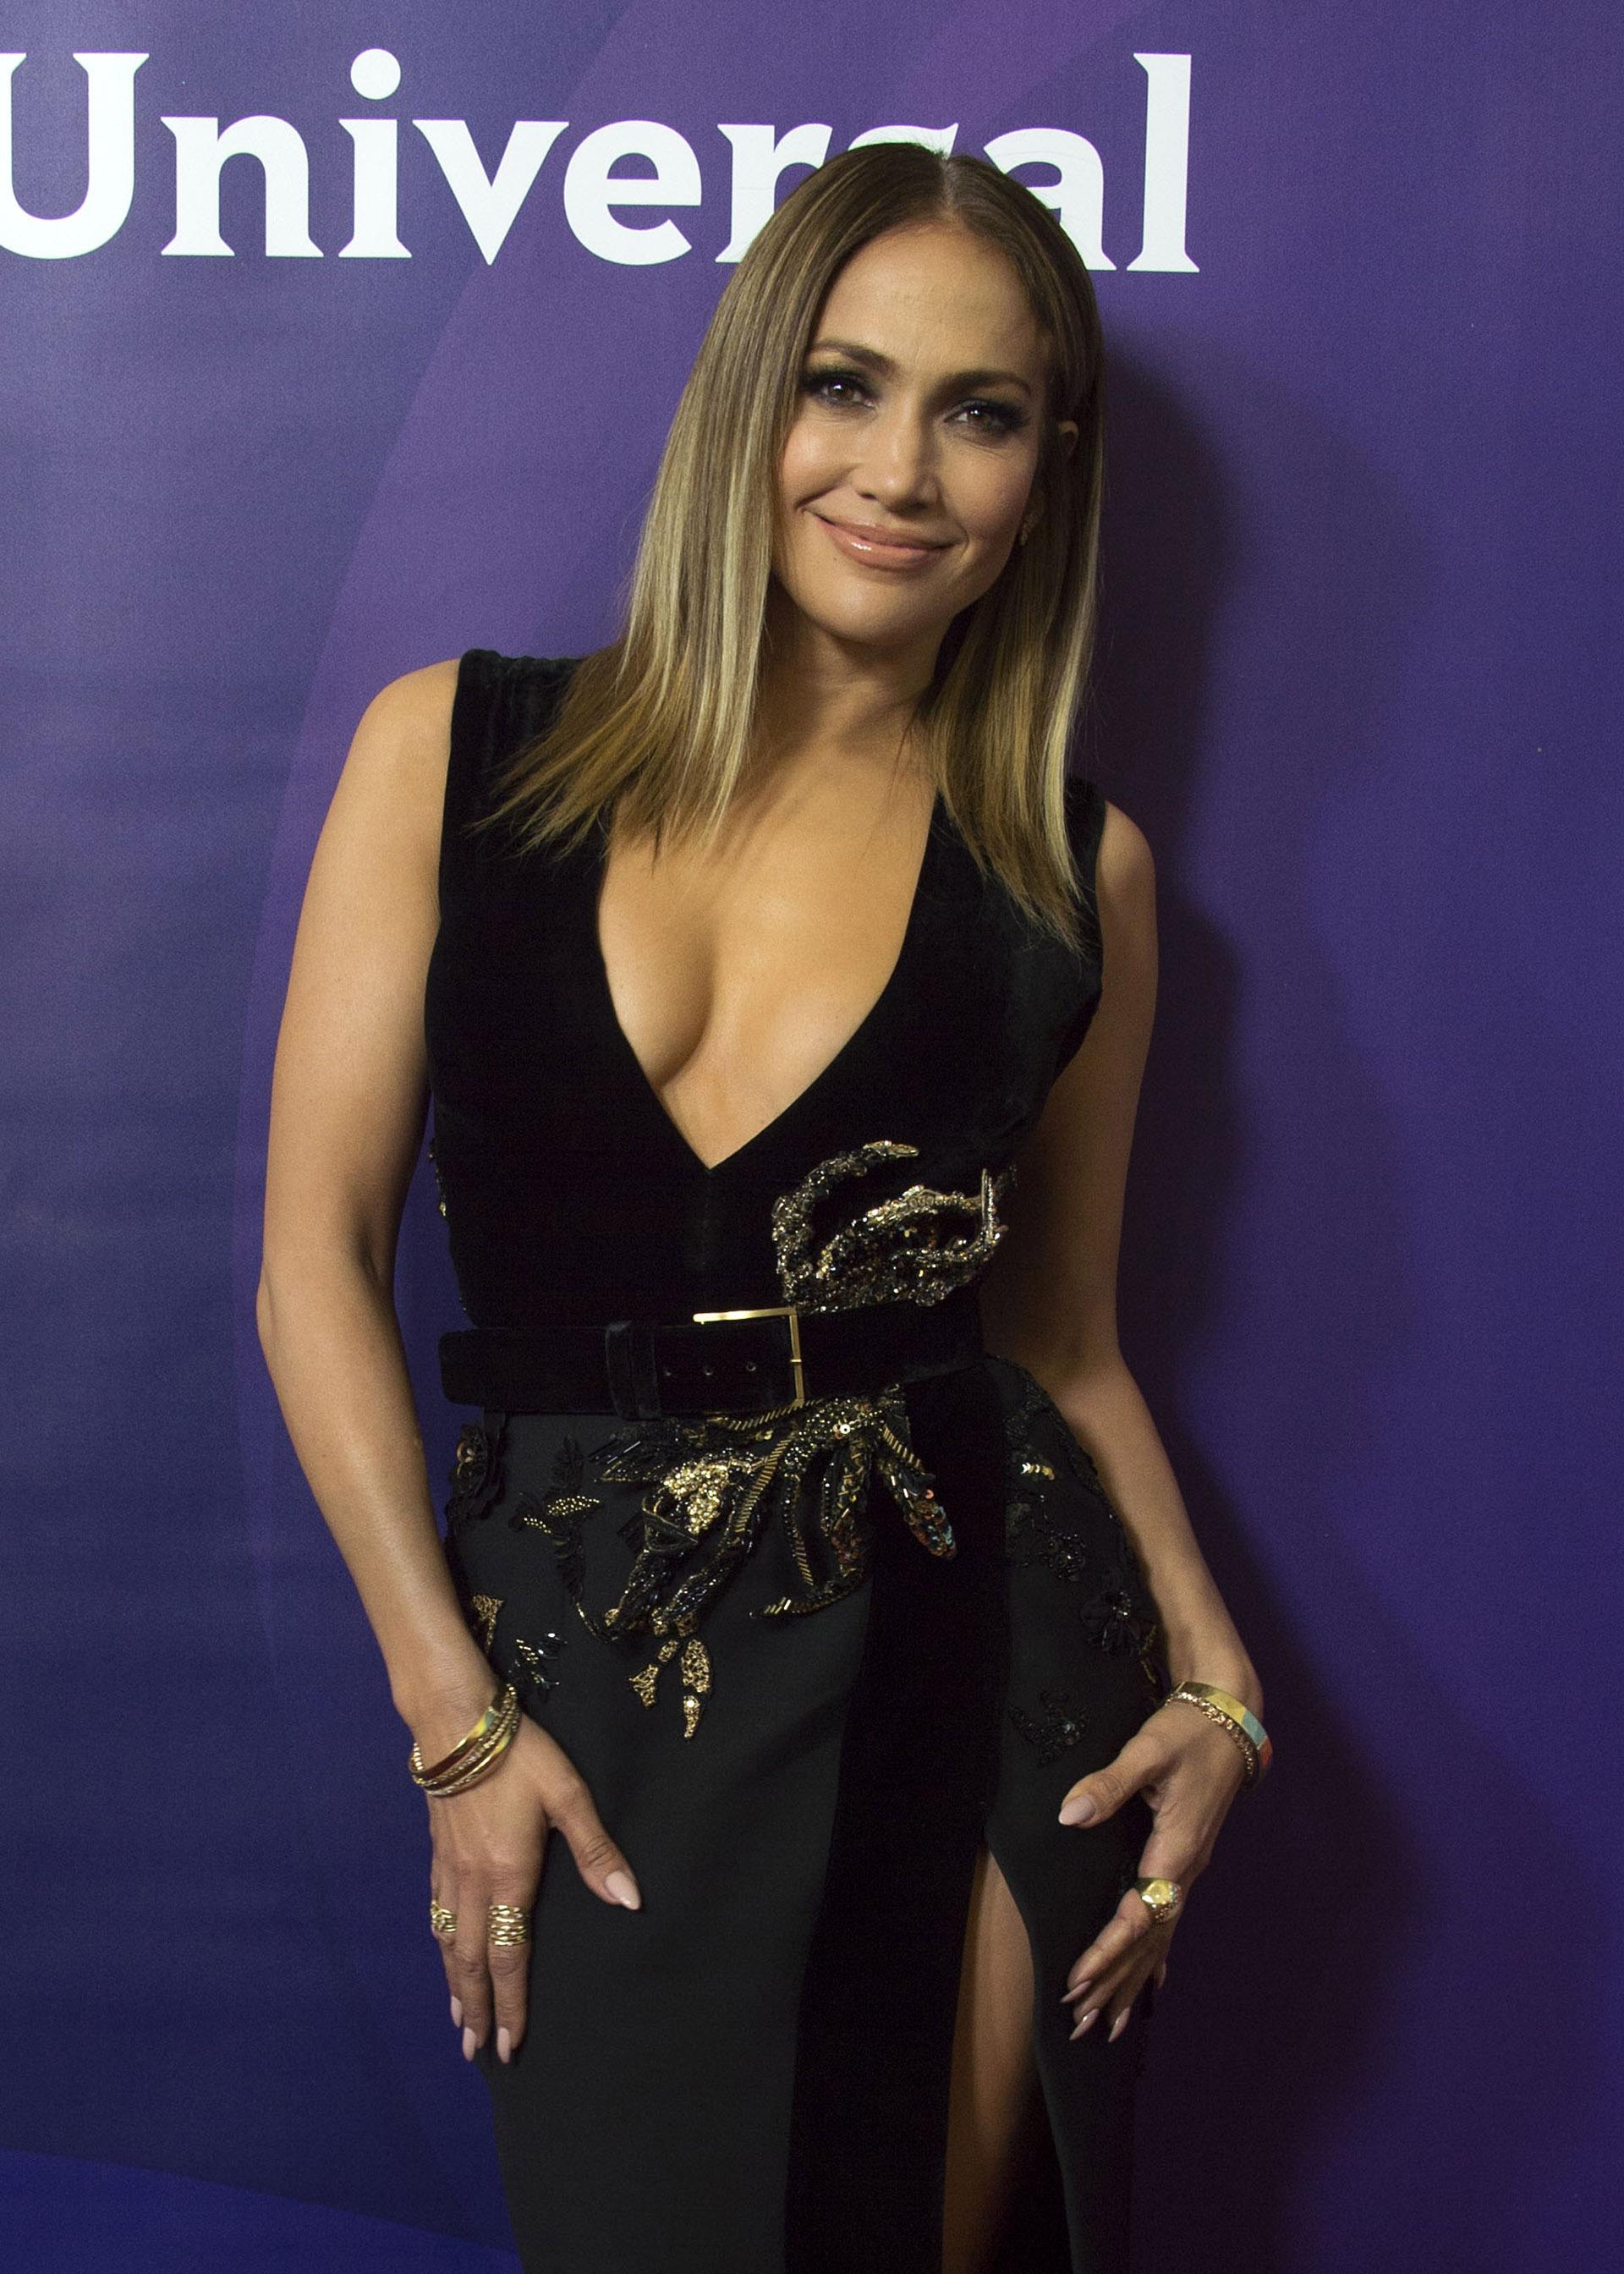 """Jennifer siempre luce las uñas largas y en forma de almendra. En esta ocasión, eligió esmalte """"nude"""" y anillos dorados"""